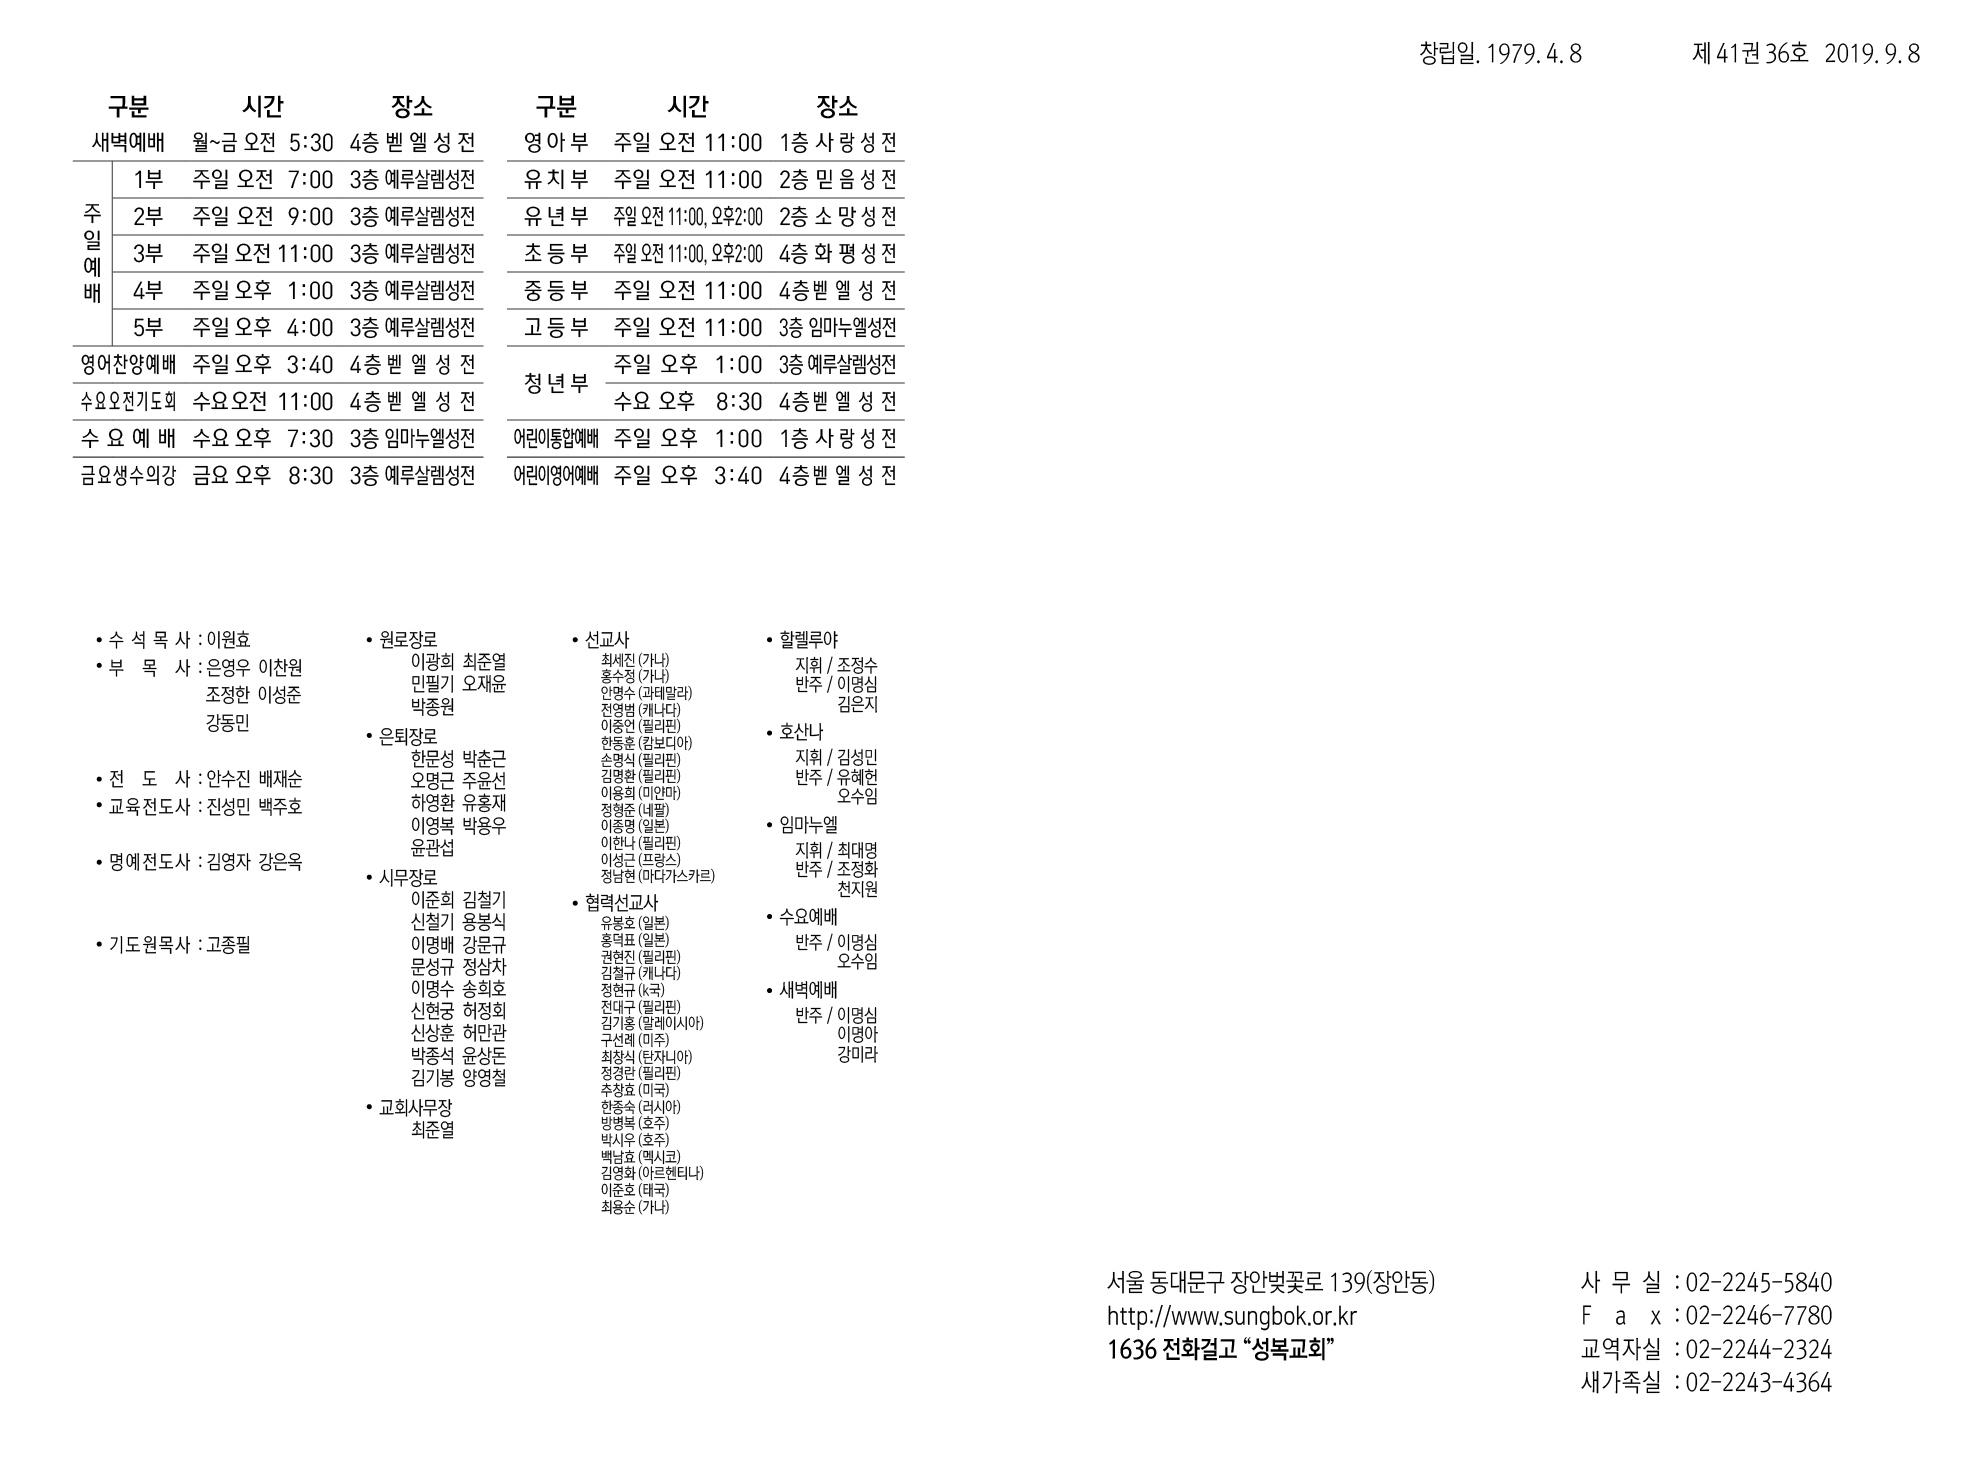 215bb36632f50e7e2cdb029af8878480.jpg